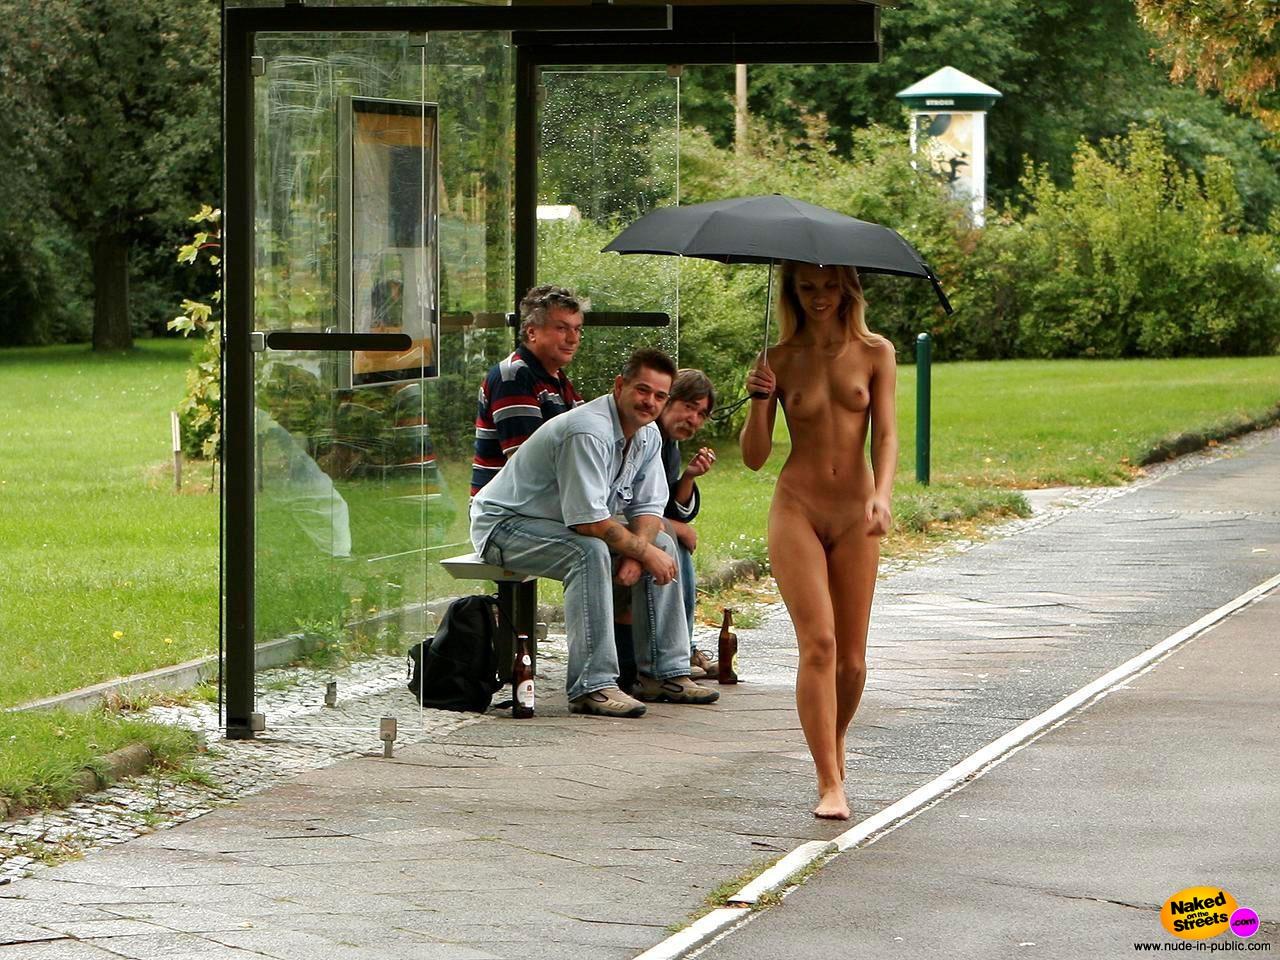 【雨の露出狂エロ画像】オマイラ、河童かよwww雨が降るとテンション上がる全裸の外国人www その16